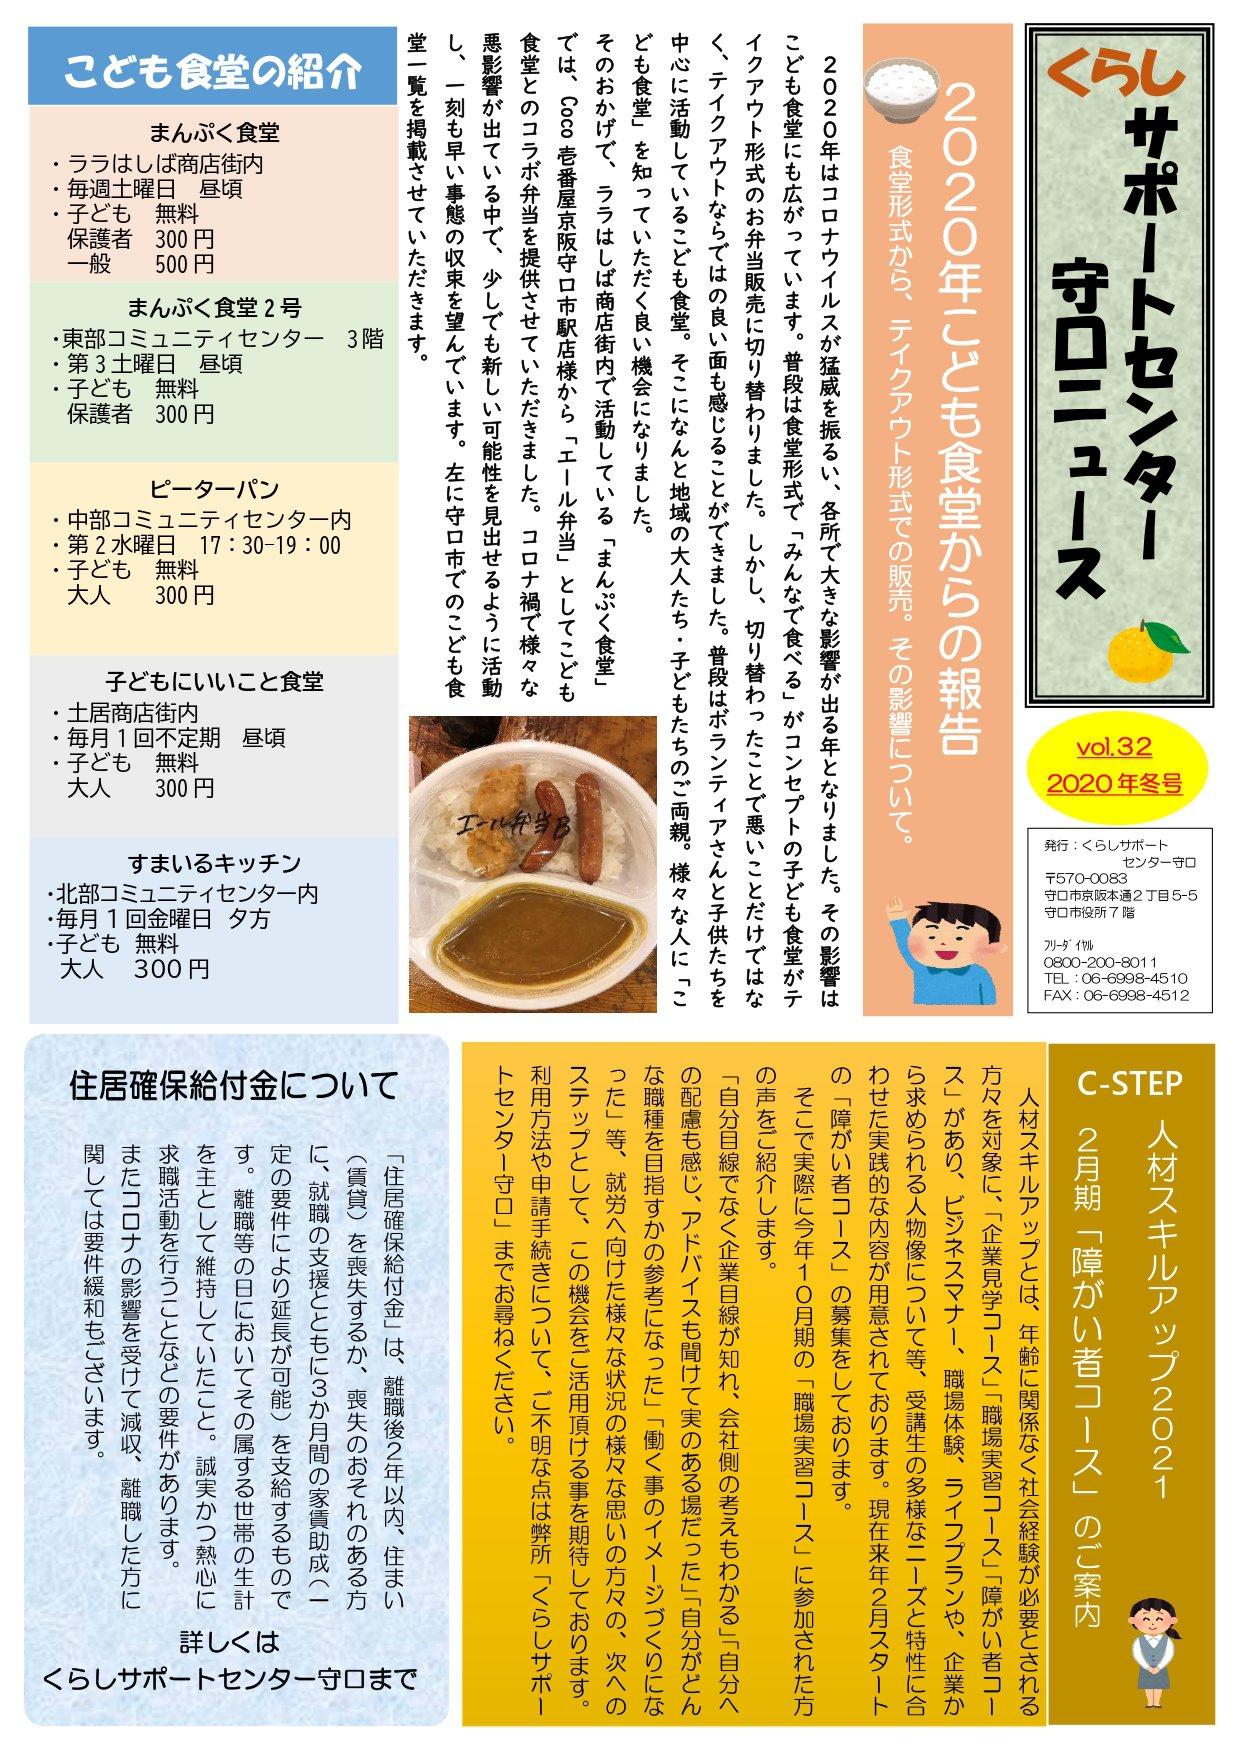 くらサポニュース 12月_page-0001.jpg